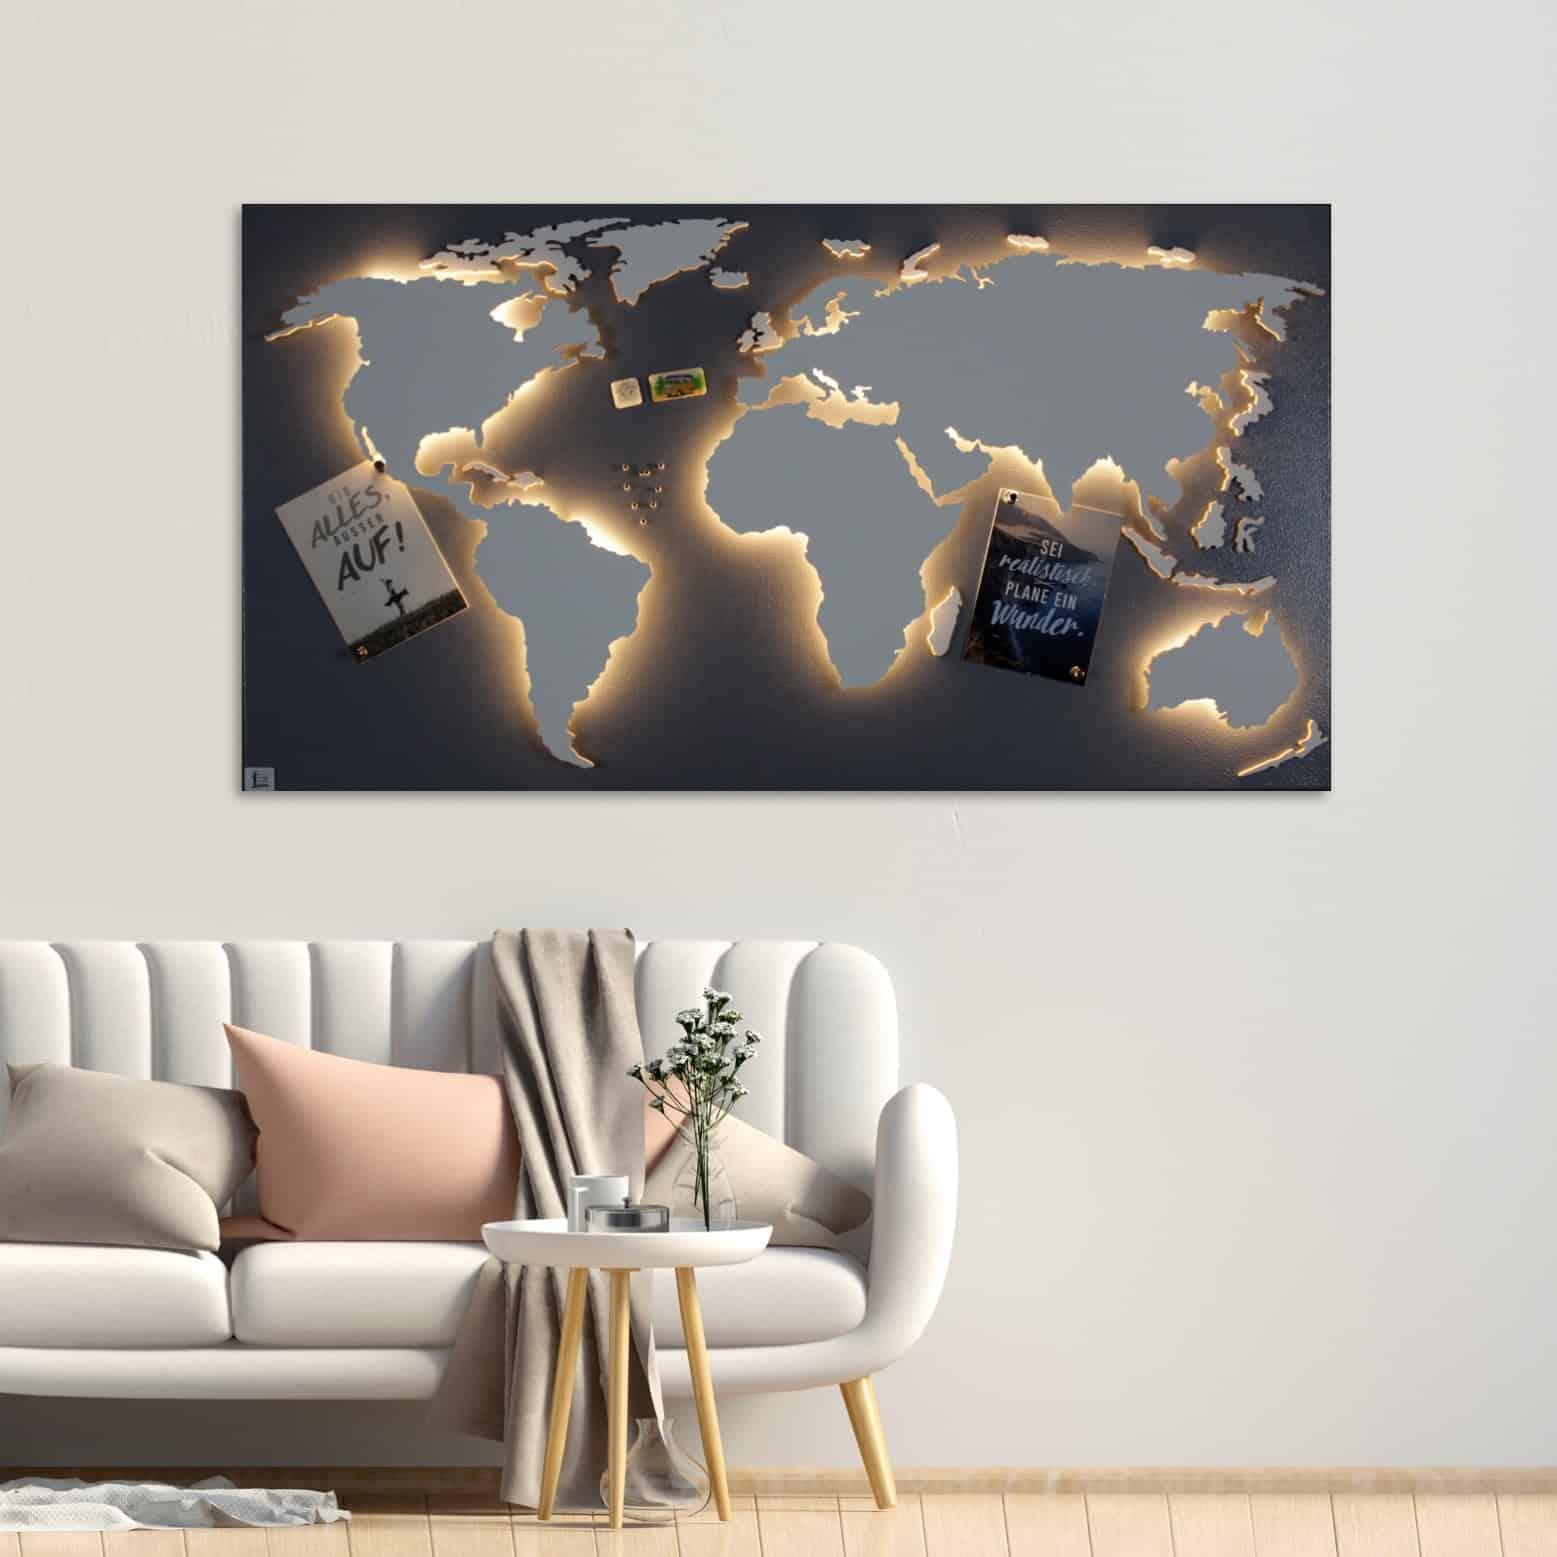 Weltkarten&SkylinesAusHolz-Einzelstücke-Sonderanfertigungen-Wanddekobeleuchtet-WeltkarteXXL-WandbildXXL_Beleuchtete-Wandbilder-Weltkartebeleuchtet-Städte-Skylines-LEDWandbilderAusHolz-3DEffekt-Laendergrenzen-Kork-Pinnwand-Welt-Pinnwelt-WeltkarteHolz-WeltkartenBeleuchtet-SkylineBeleuchtet-WeltkartePinnwand-Weltkarten&Skylines-Beleuchtete Wandbilder